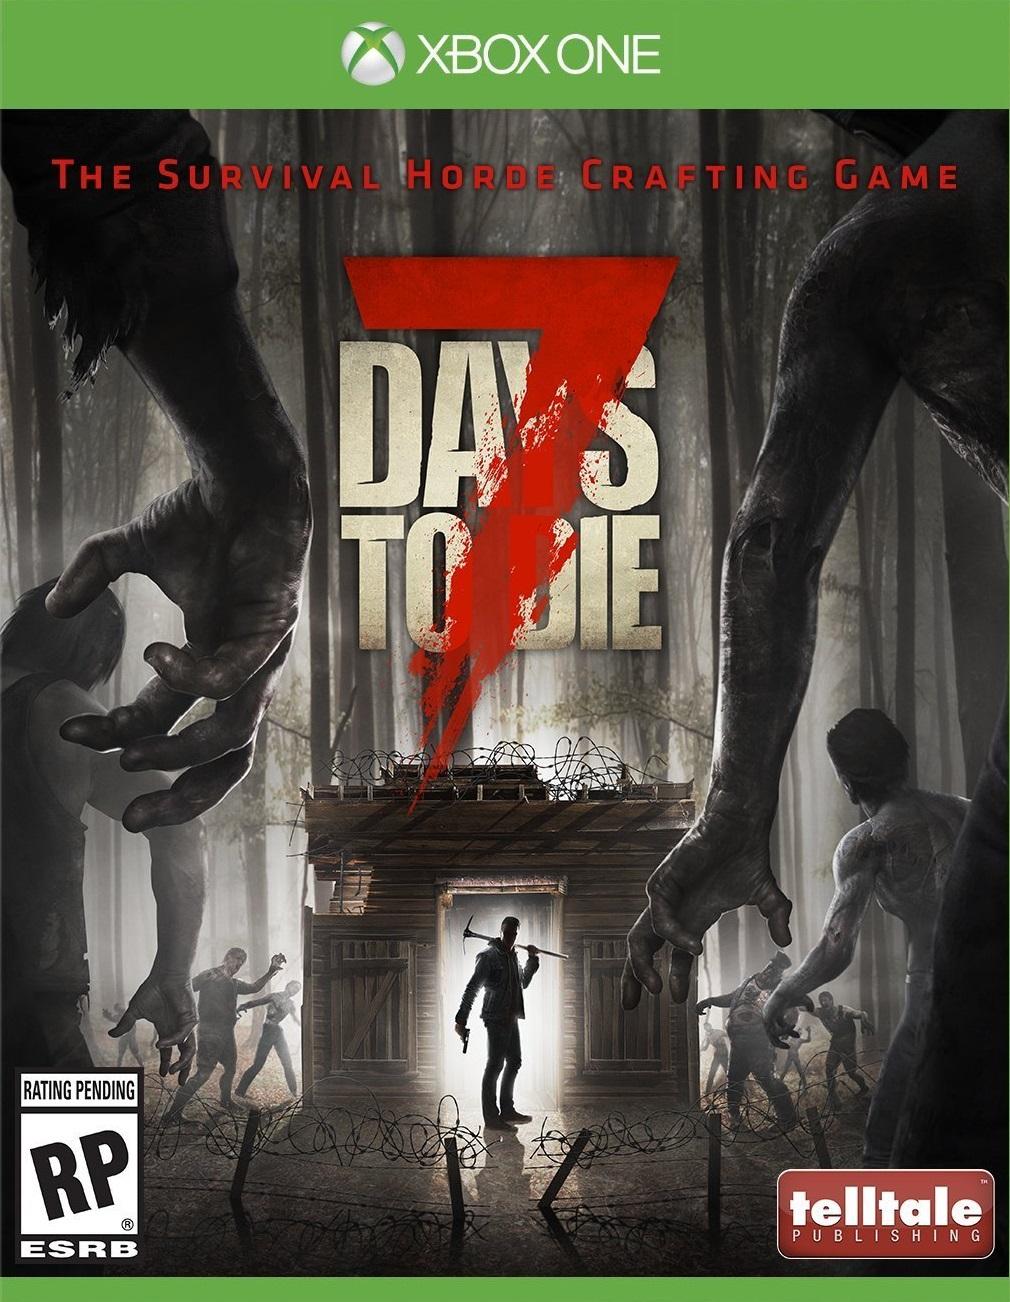 7-days-to-die-box-art